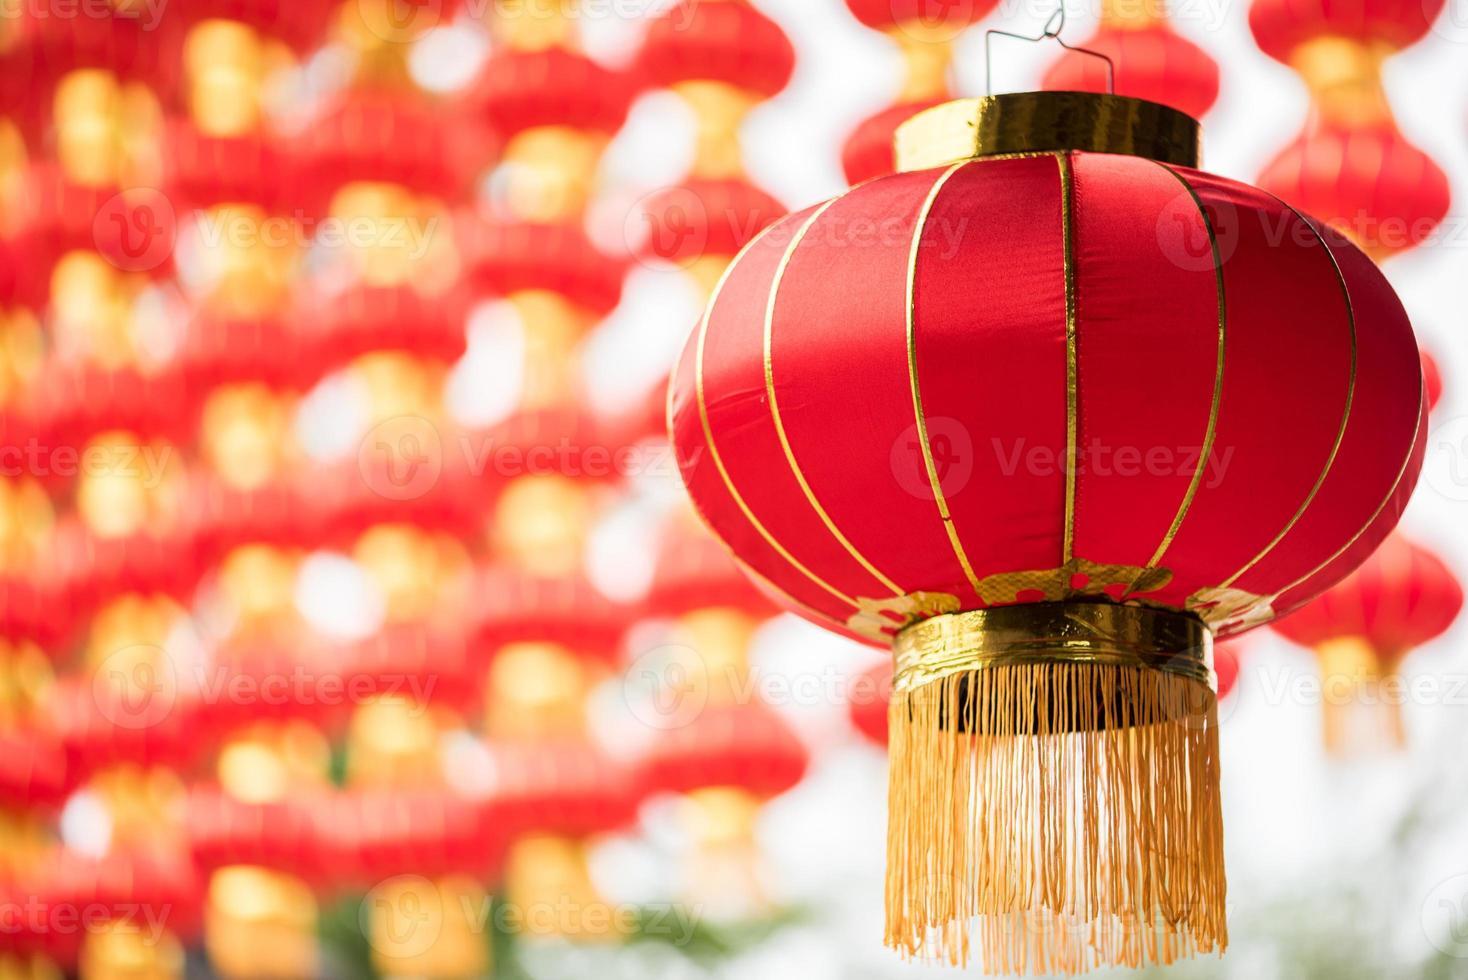 Chinese lantern closeup photo